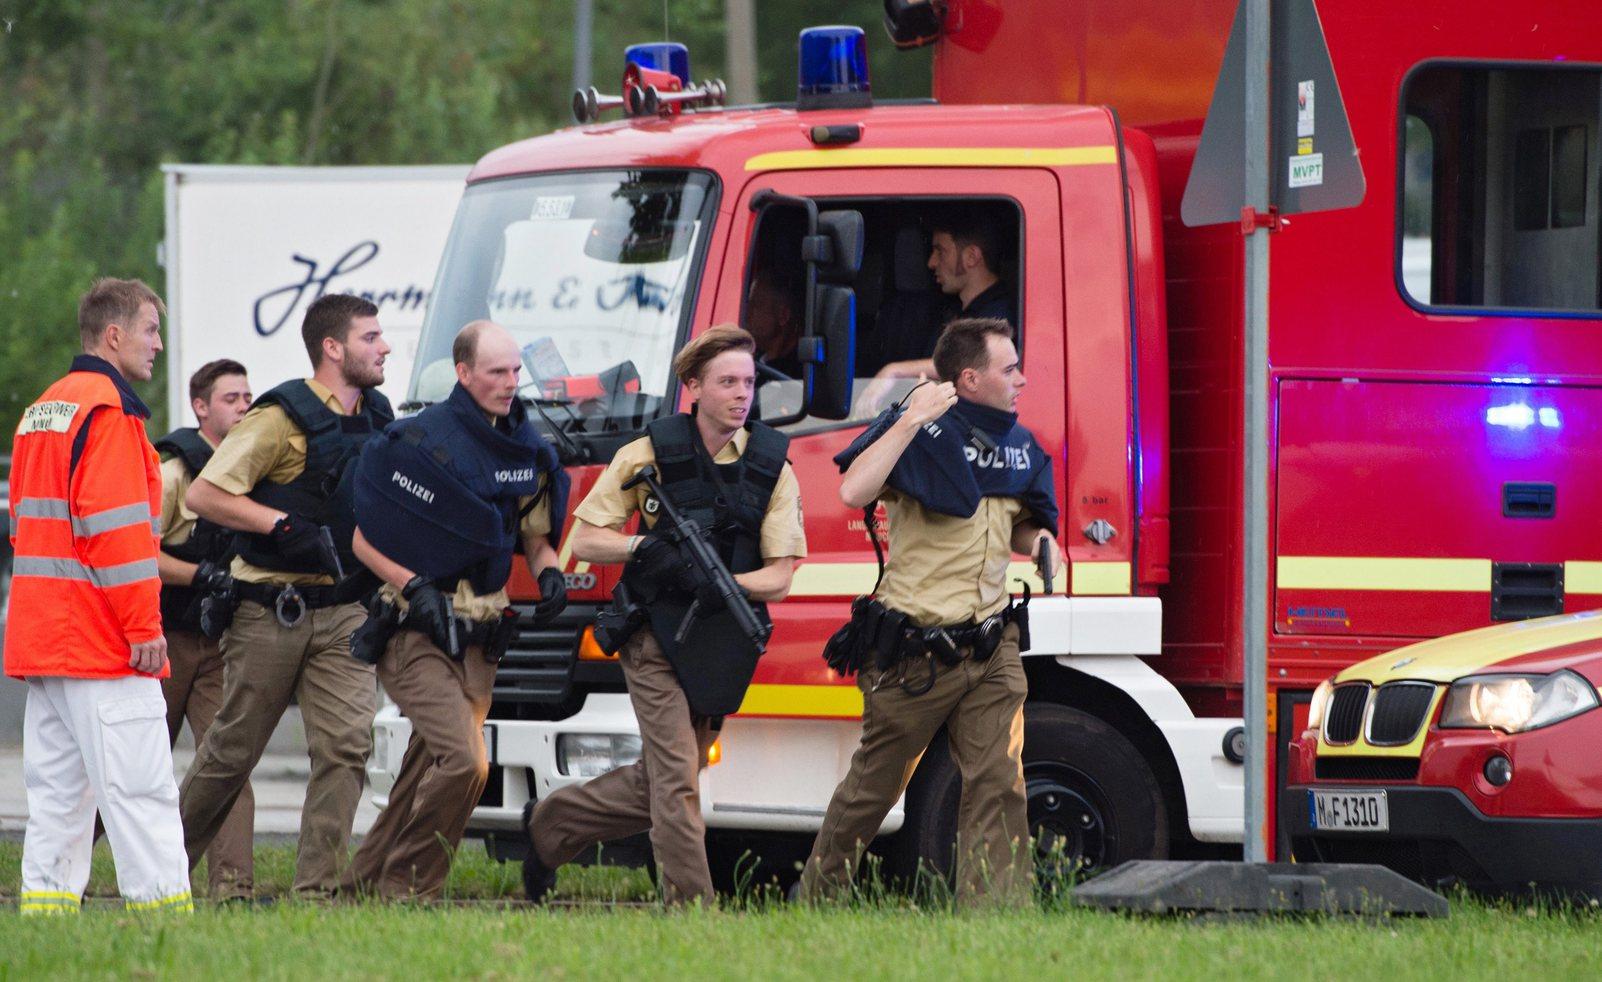 Rendőrök érkeznek Münchenben az Olympia bevásárlóközponthoz, ahol lövöldözés történt 2016. július 22-én a kora esti órákban (Fotó: MTI/EPA/Matthias Balk)